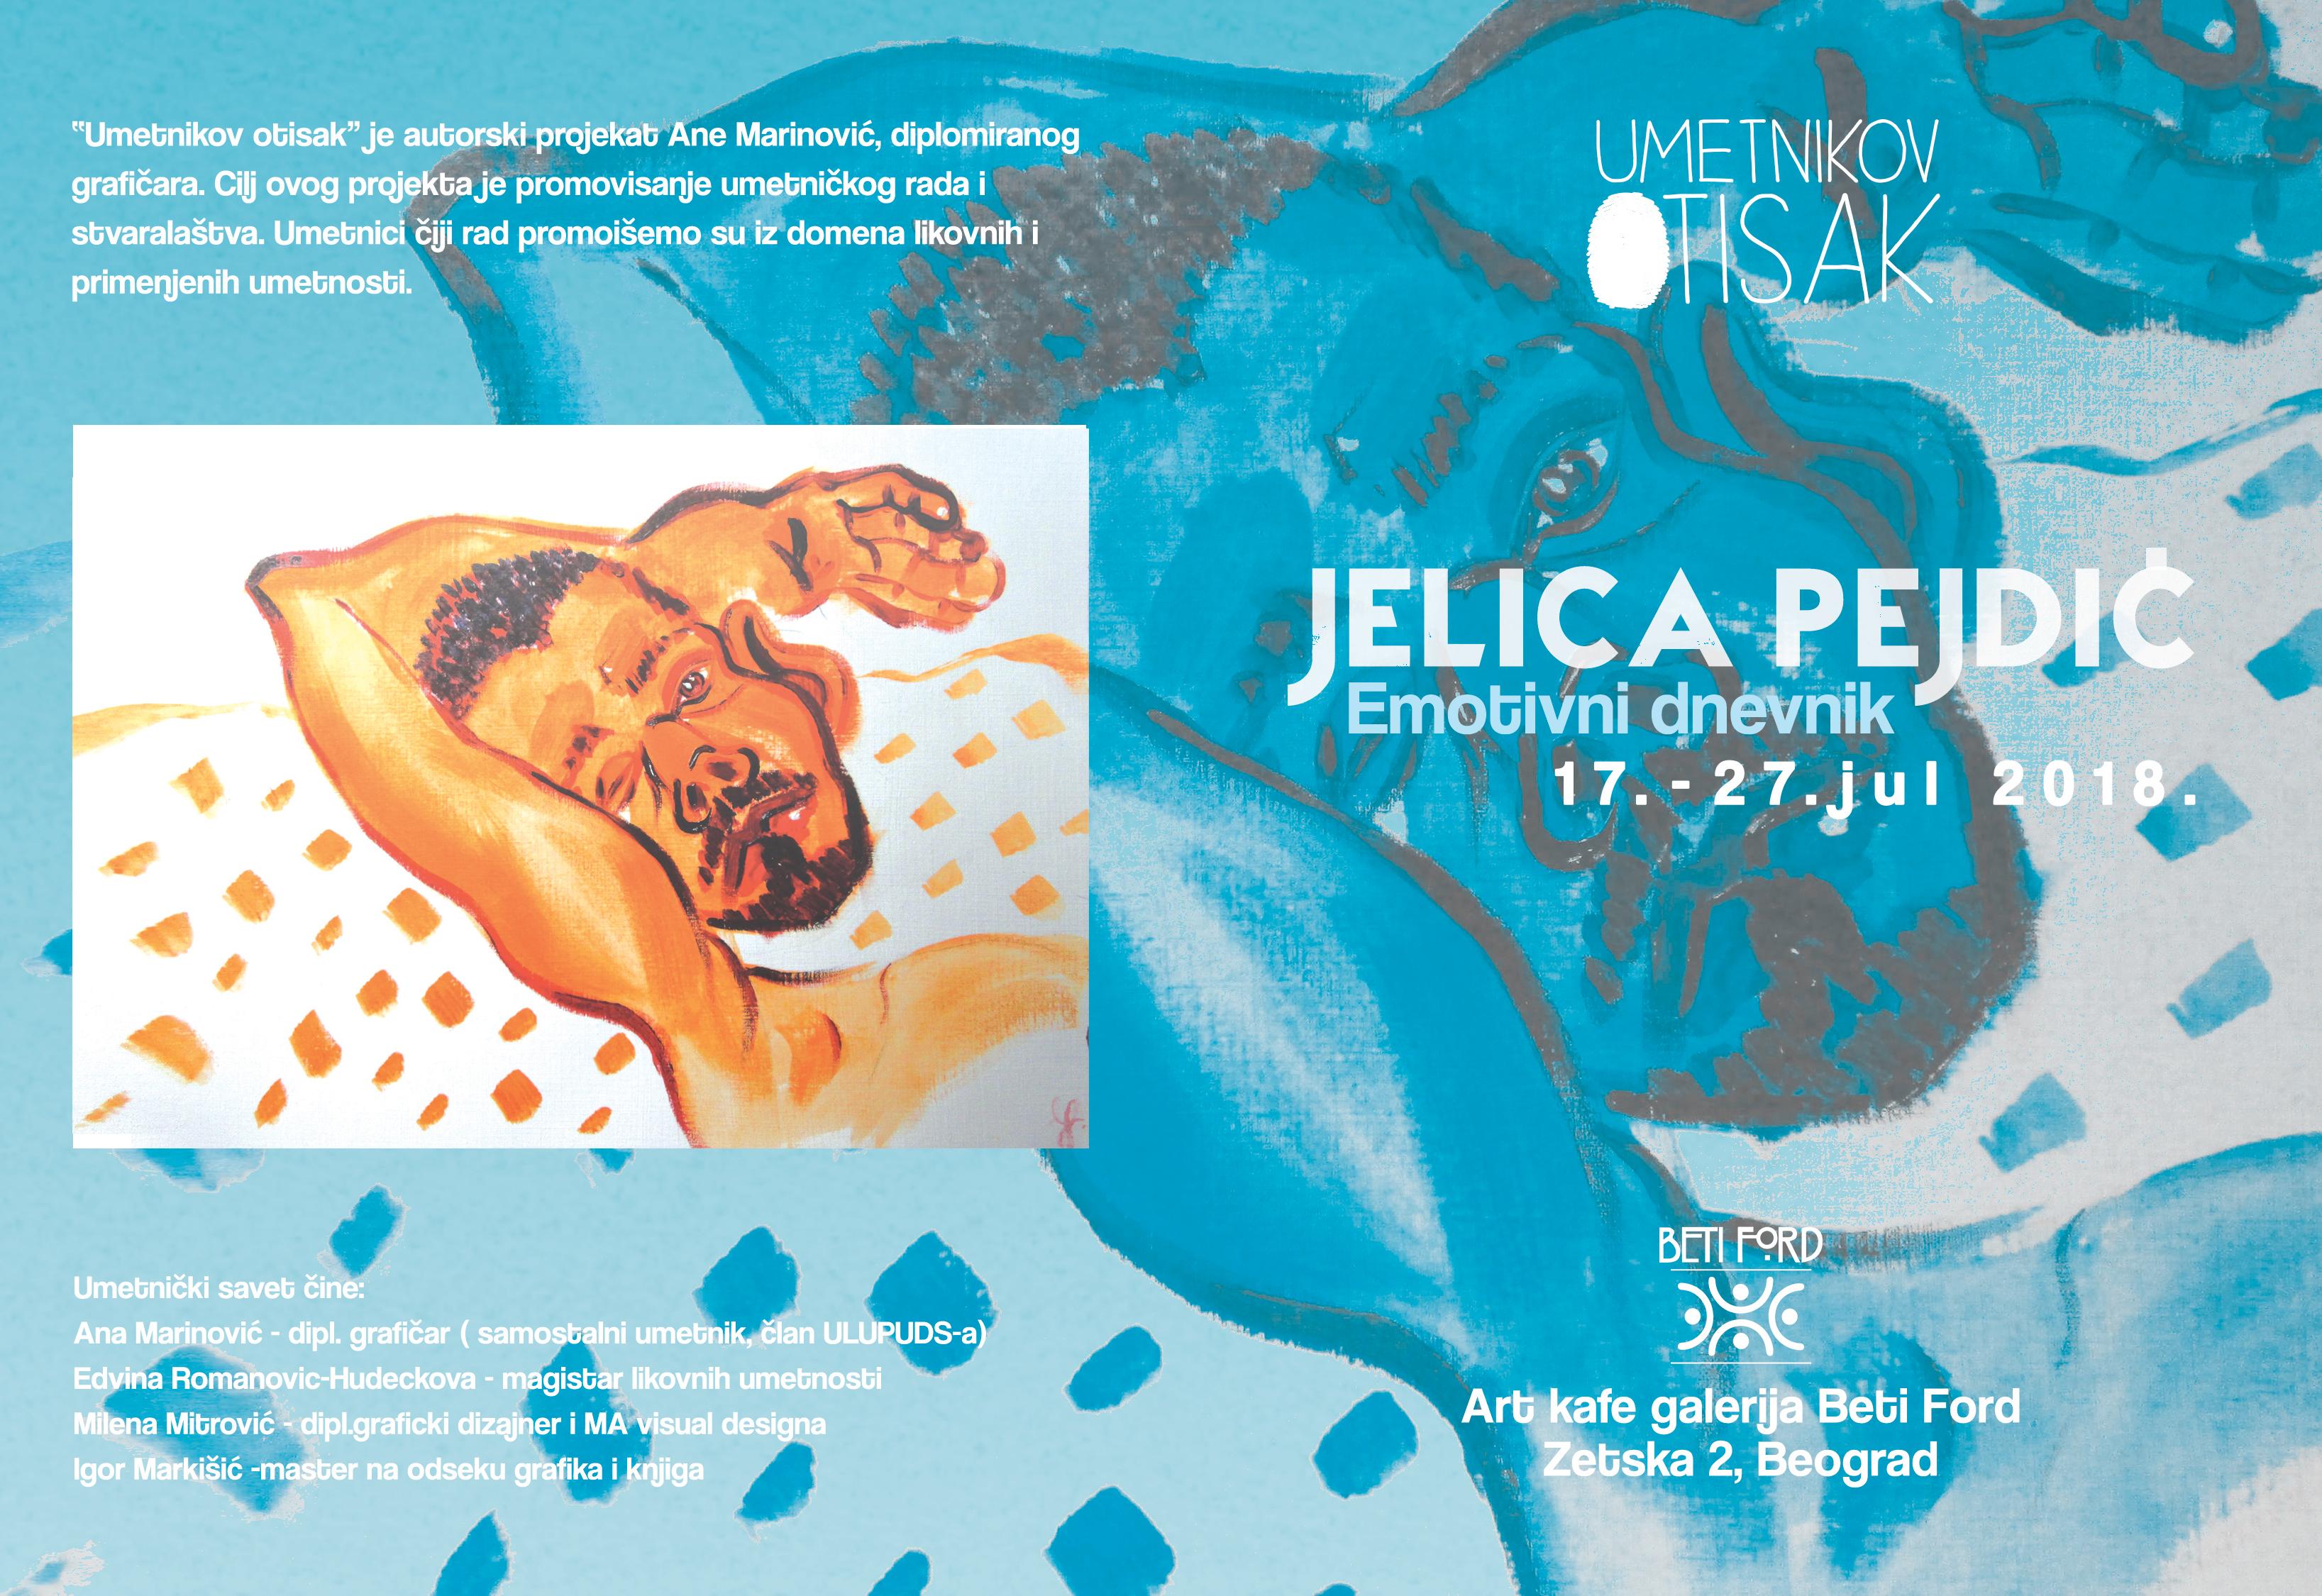 U Art kafe galeriji Beti Ford izlaže Jelica Pejdić